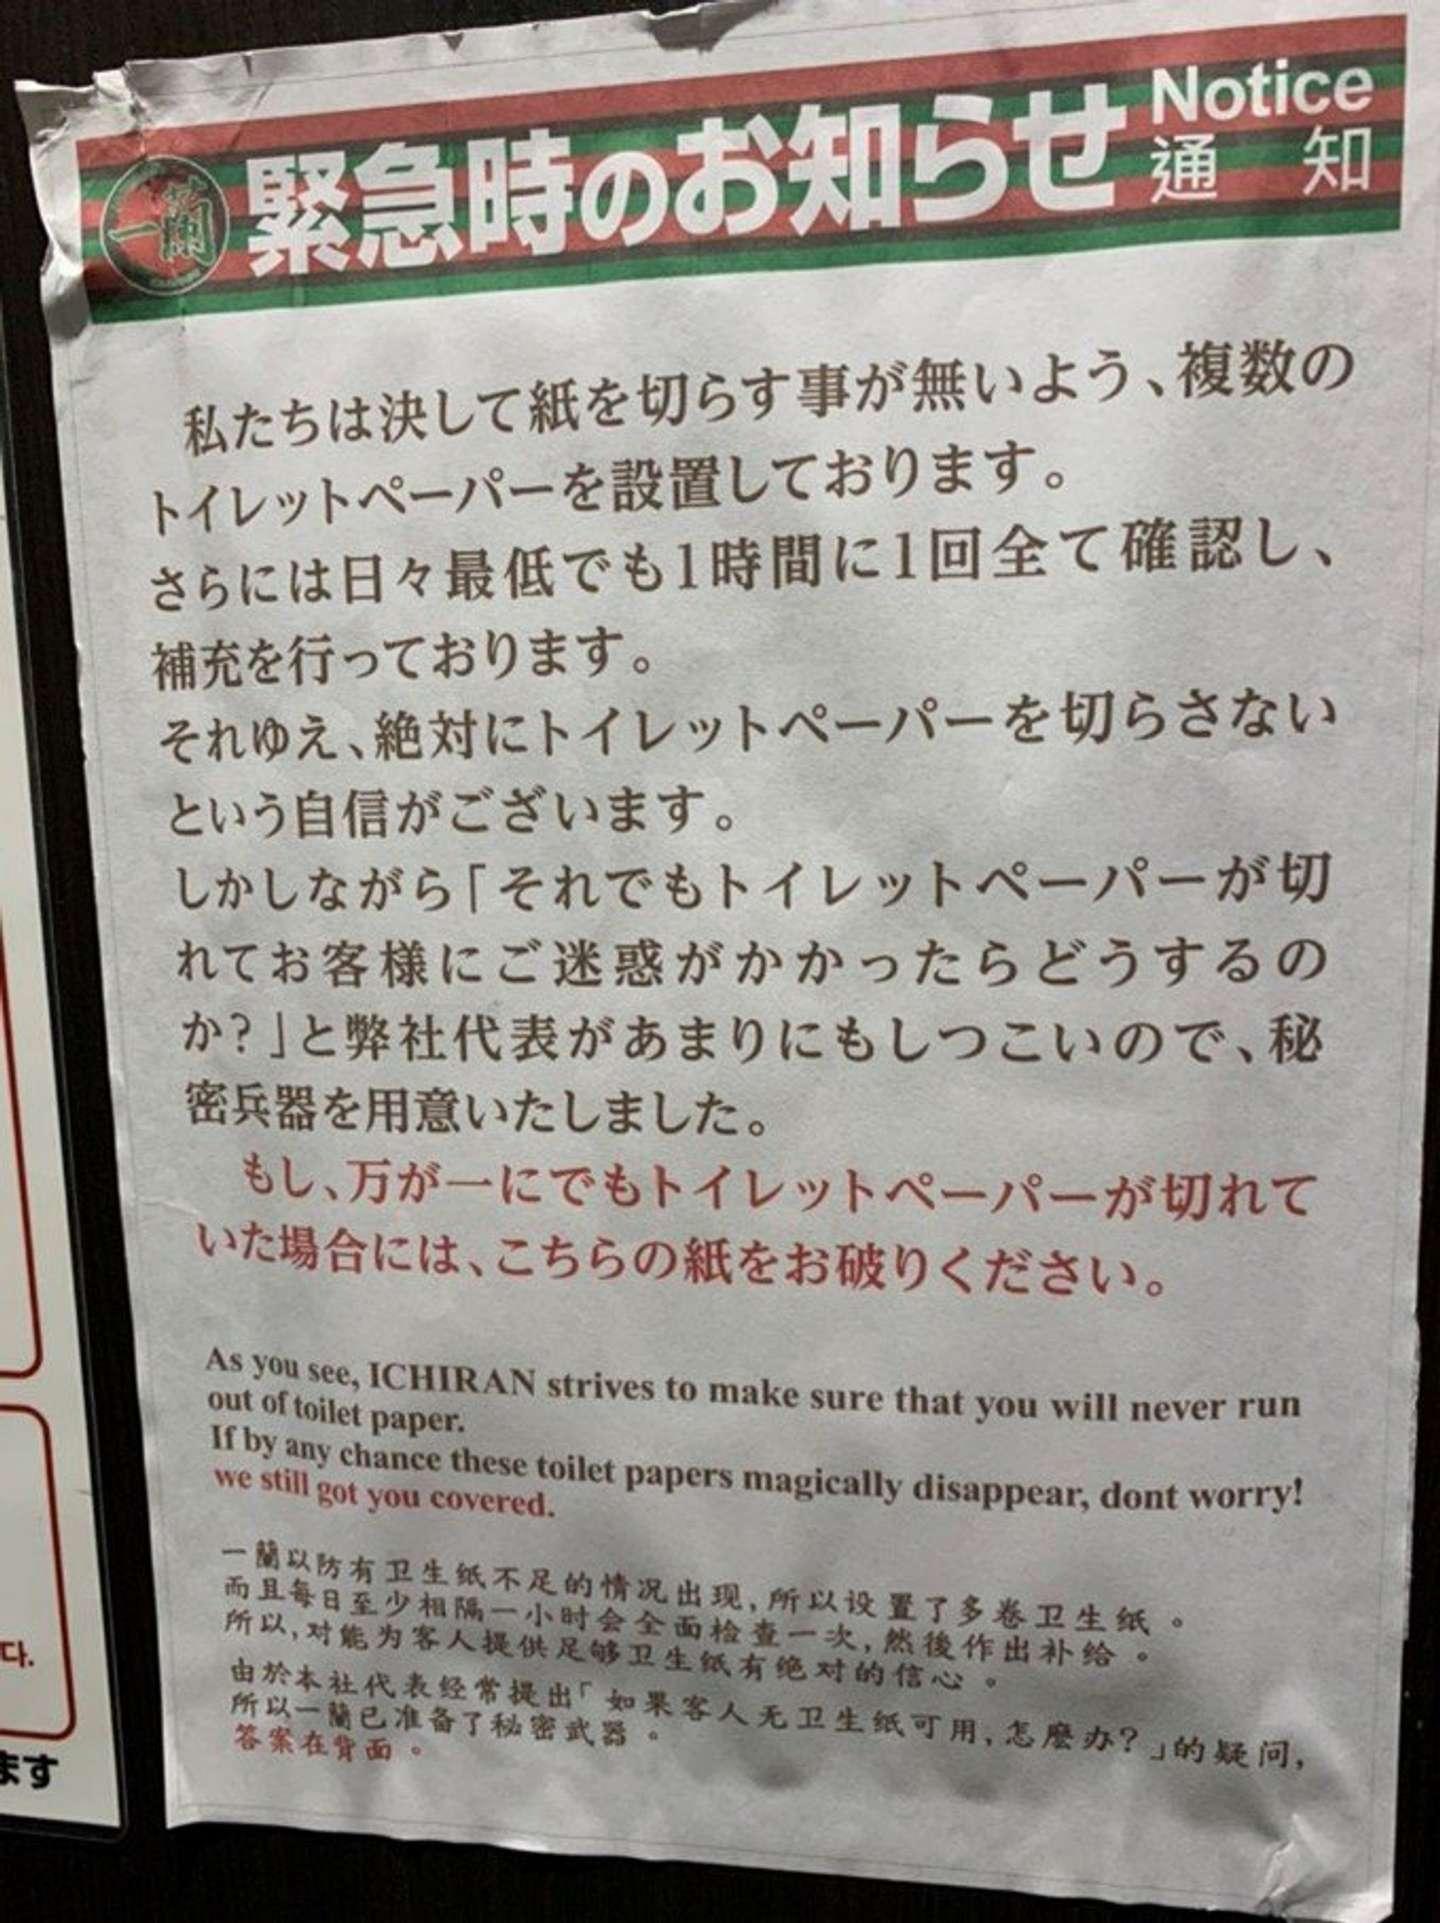 お知らせは3か国語対応(写真はみなみちゃんさん提供)